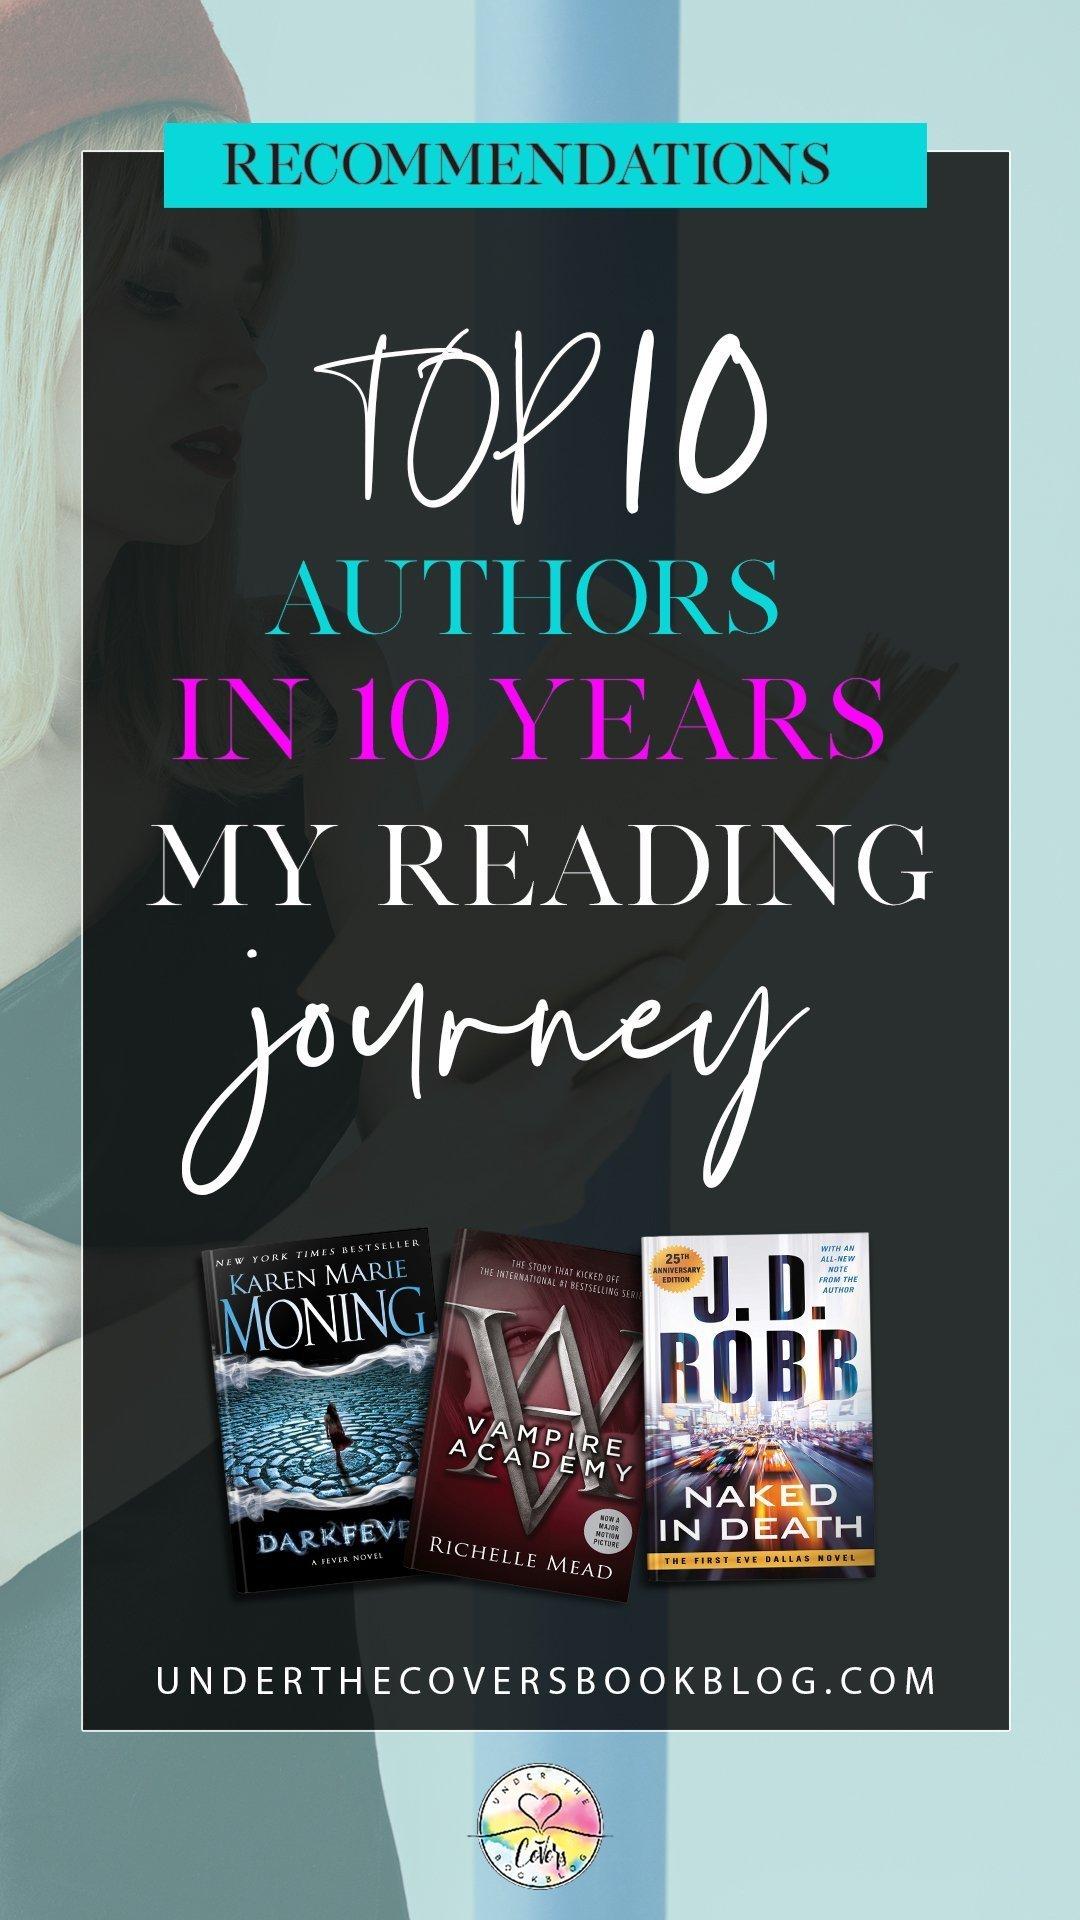 My Reading Journey: Ten authors over ten years + Giveaway